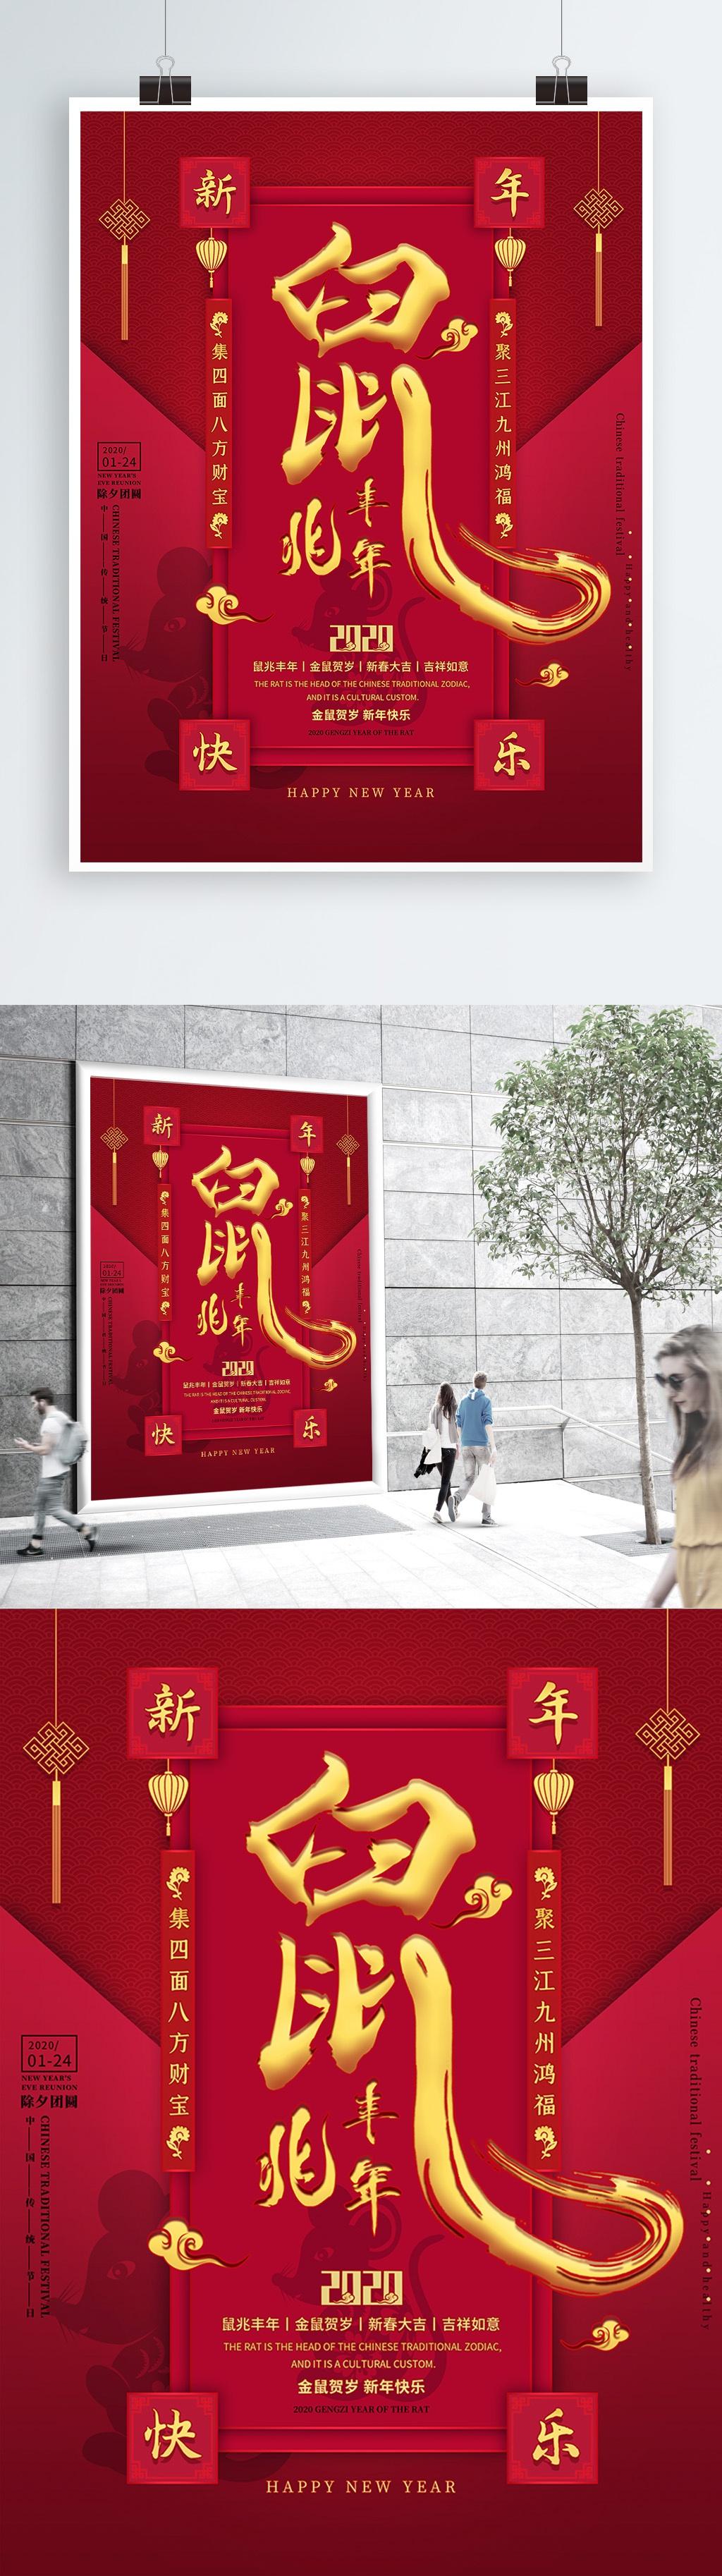 鼠年2020新年艺术字鼠字海报